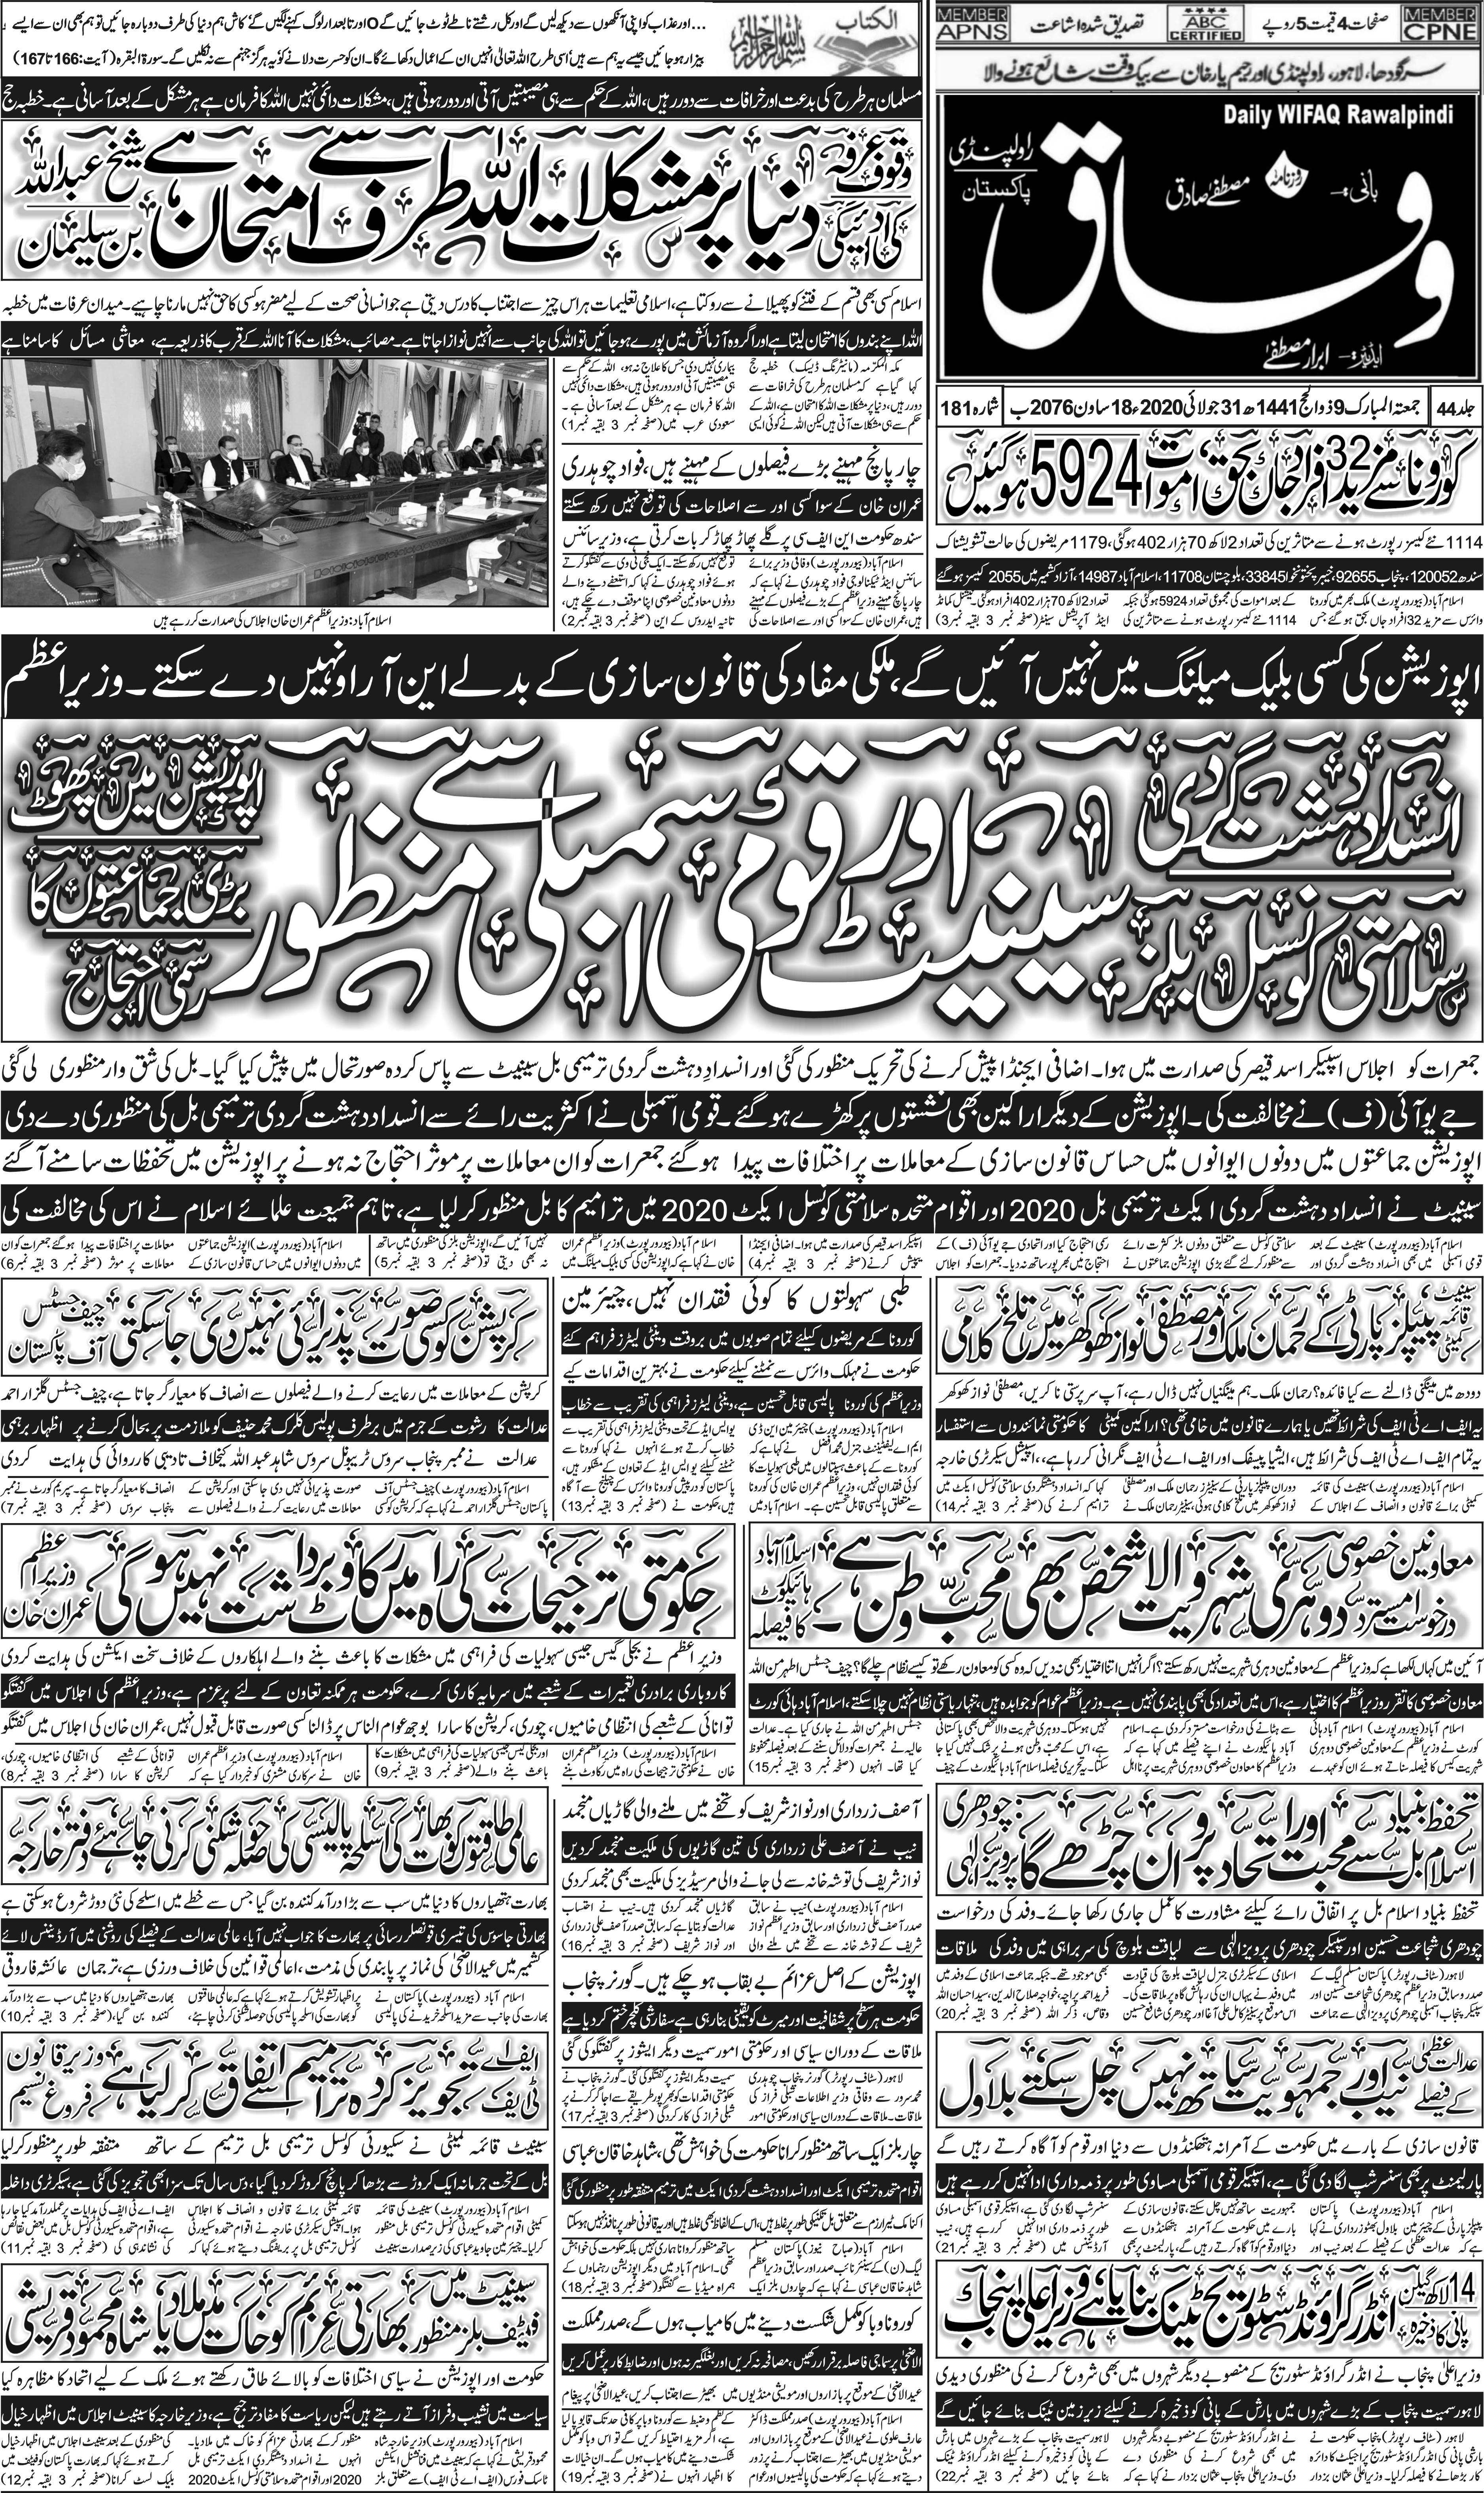 e-Paper – Daily Wifaq – Rawalpindi – 31-07-2020